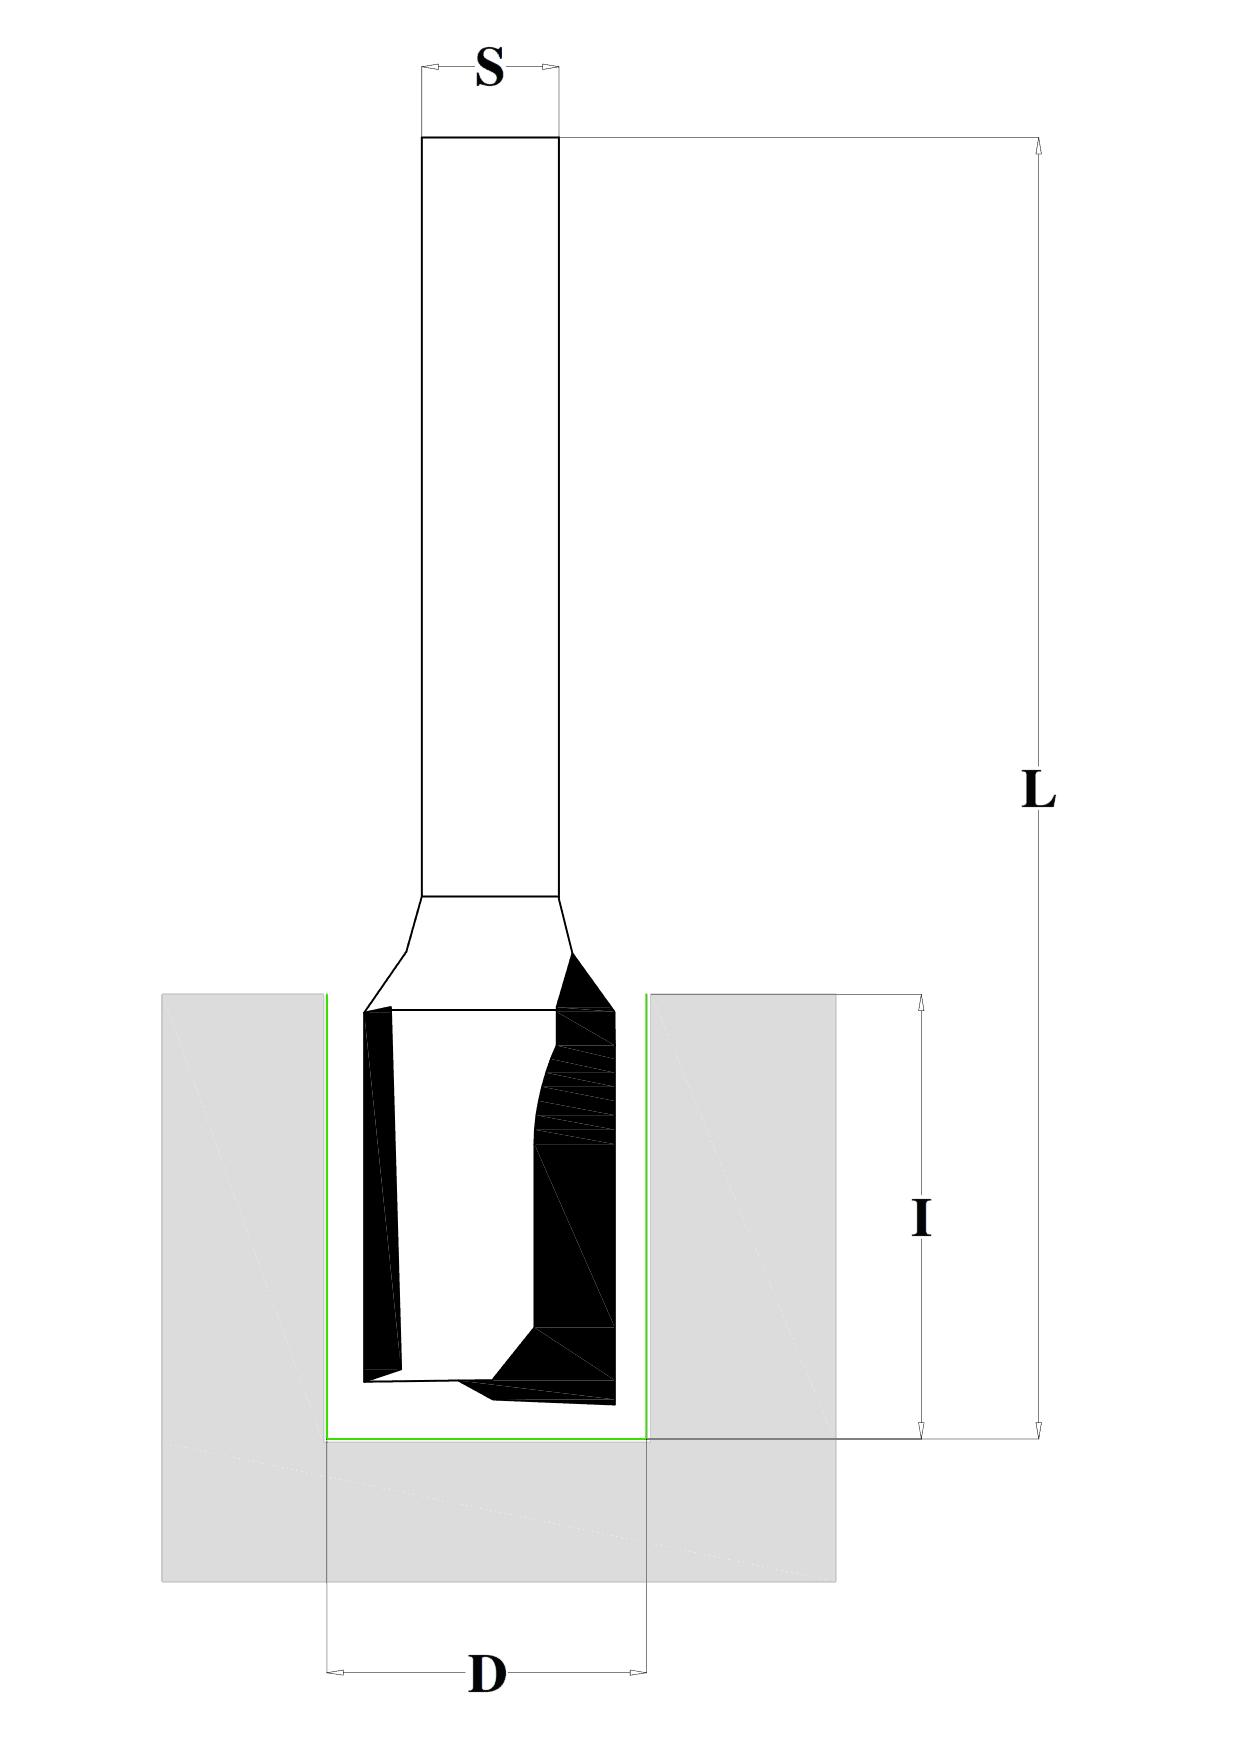 disegno di una fresa per pantografo